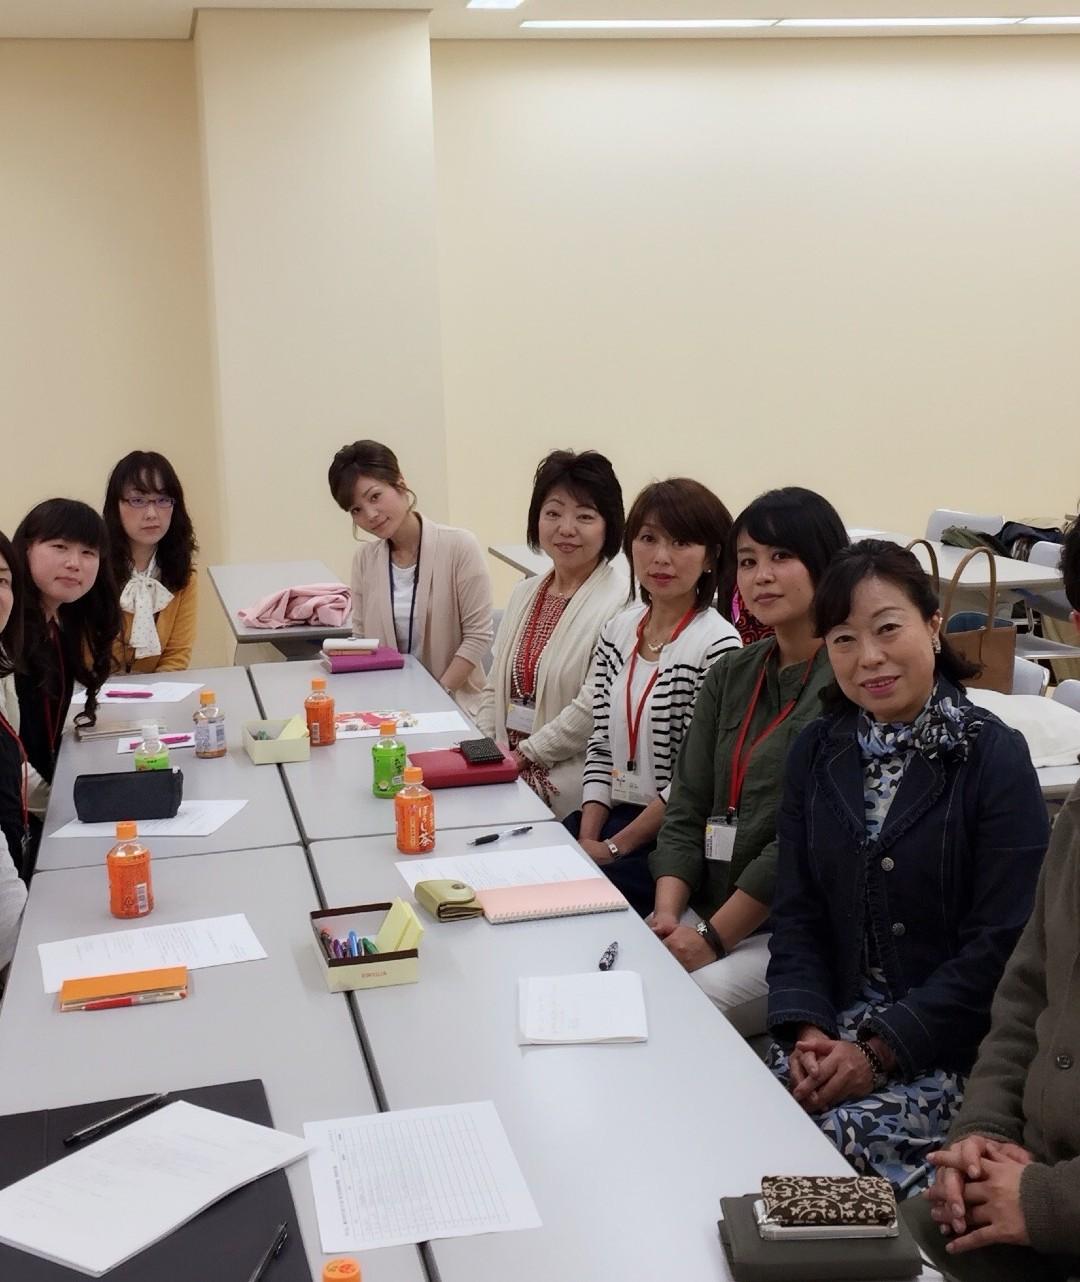 日本一 女性が自己実現できるまち 徳島を目指して!vol 3